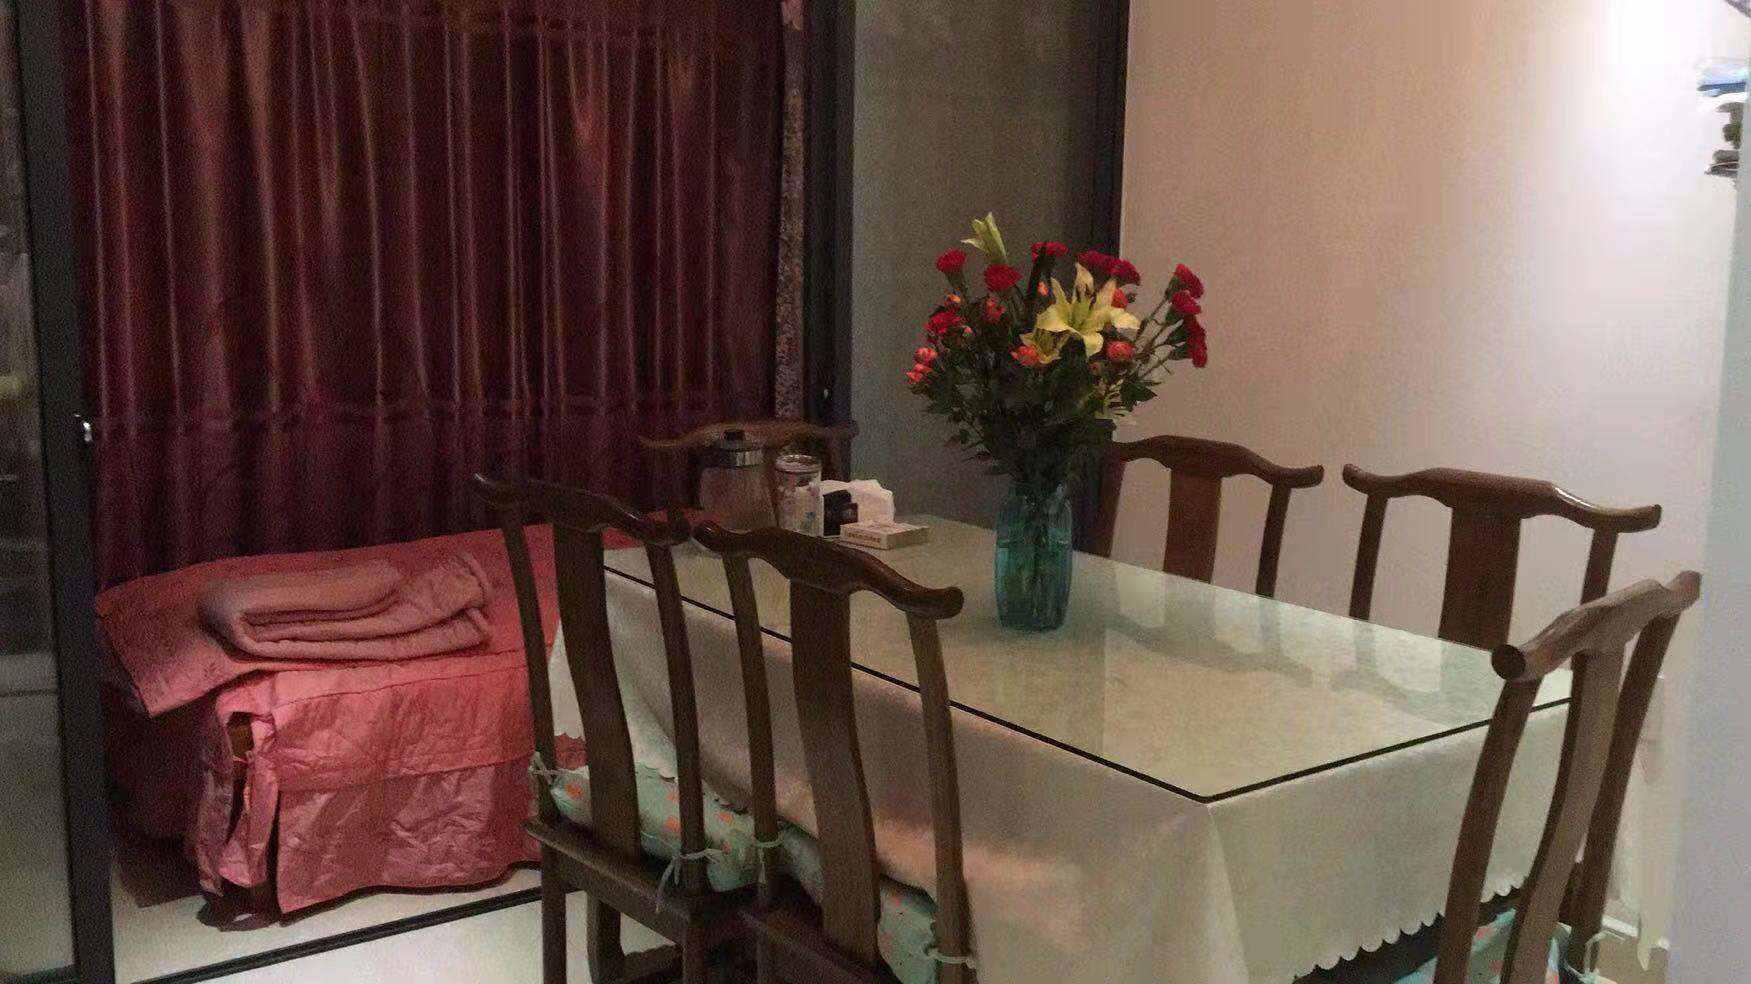 A1063出售锦越名都第三期房子:4/6,90平米,三室两厅一卫,精装修,双阳台,售价87万的实拍照片